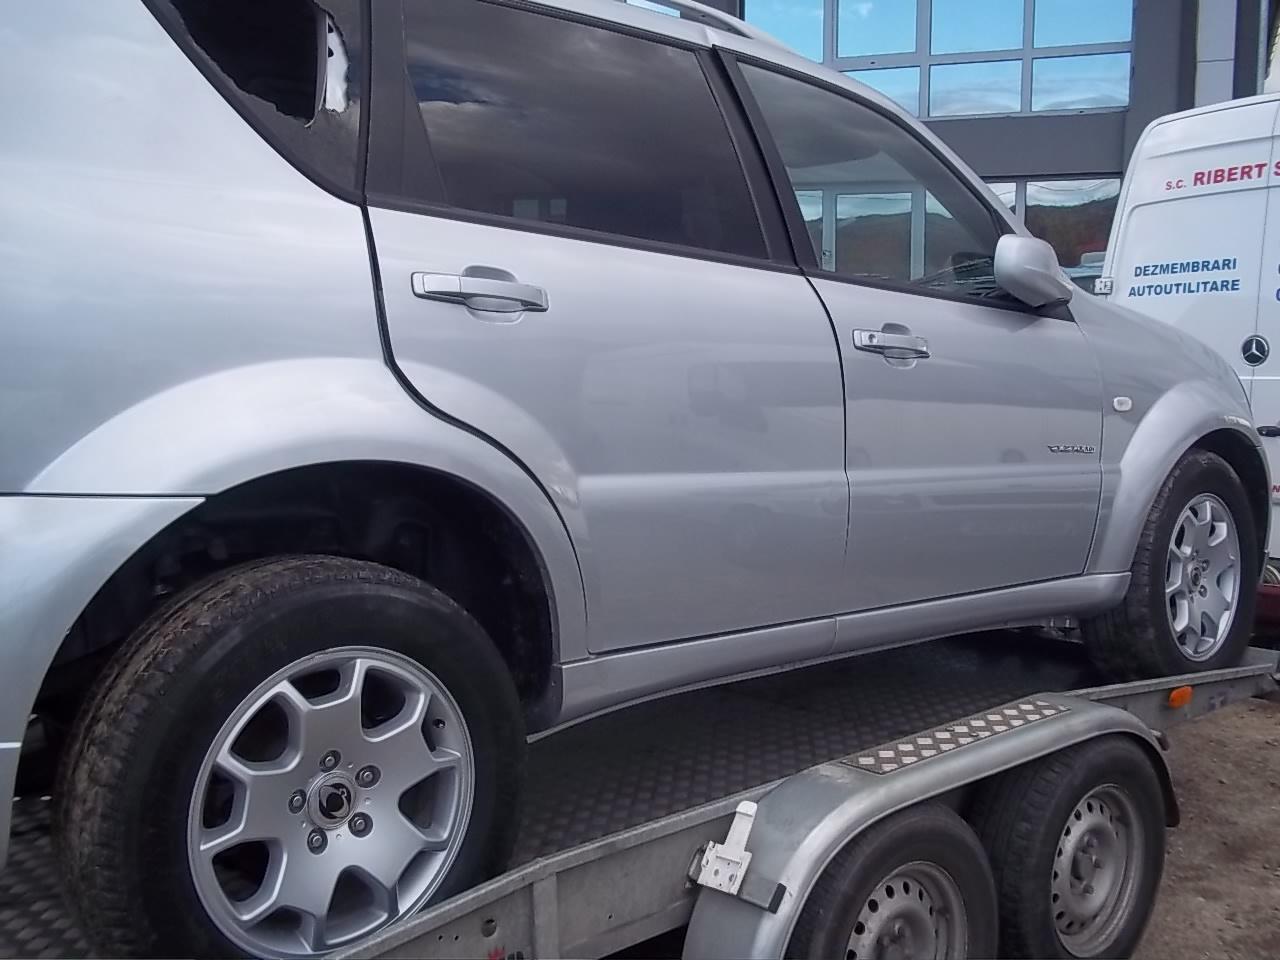 Dezmembrez Ssang-Yong Rexton 2003 Diesel SUV - 04 Ianuarie 2013 - Poza 3